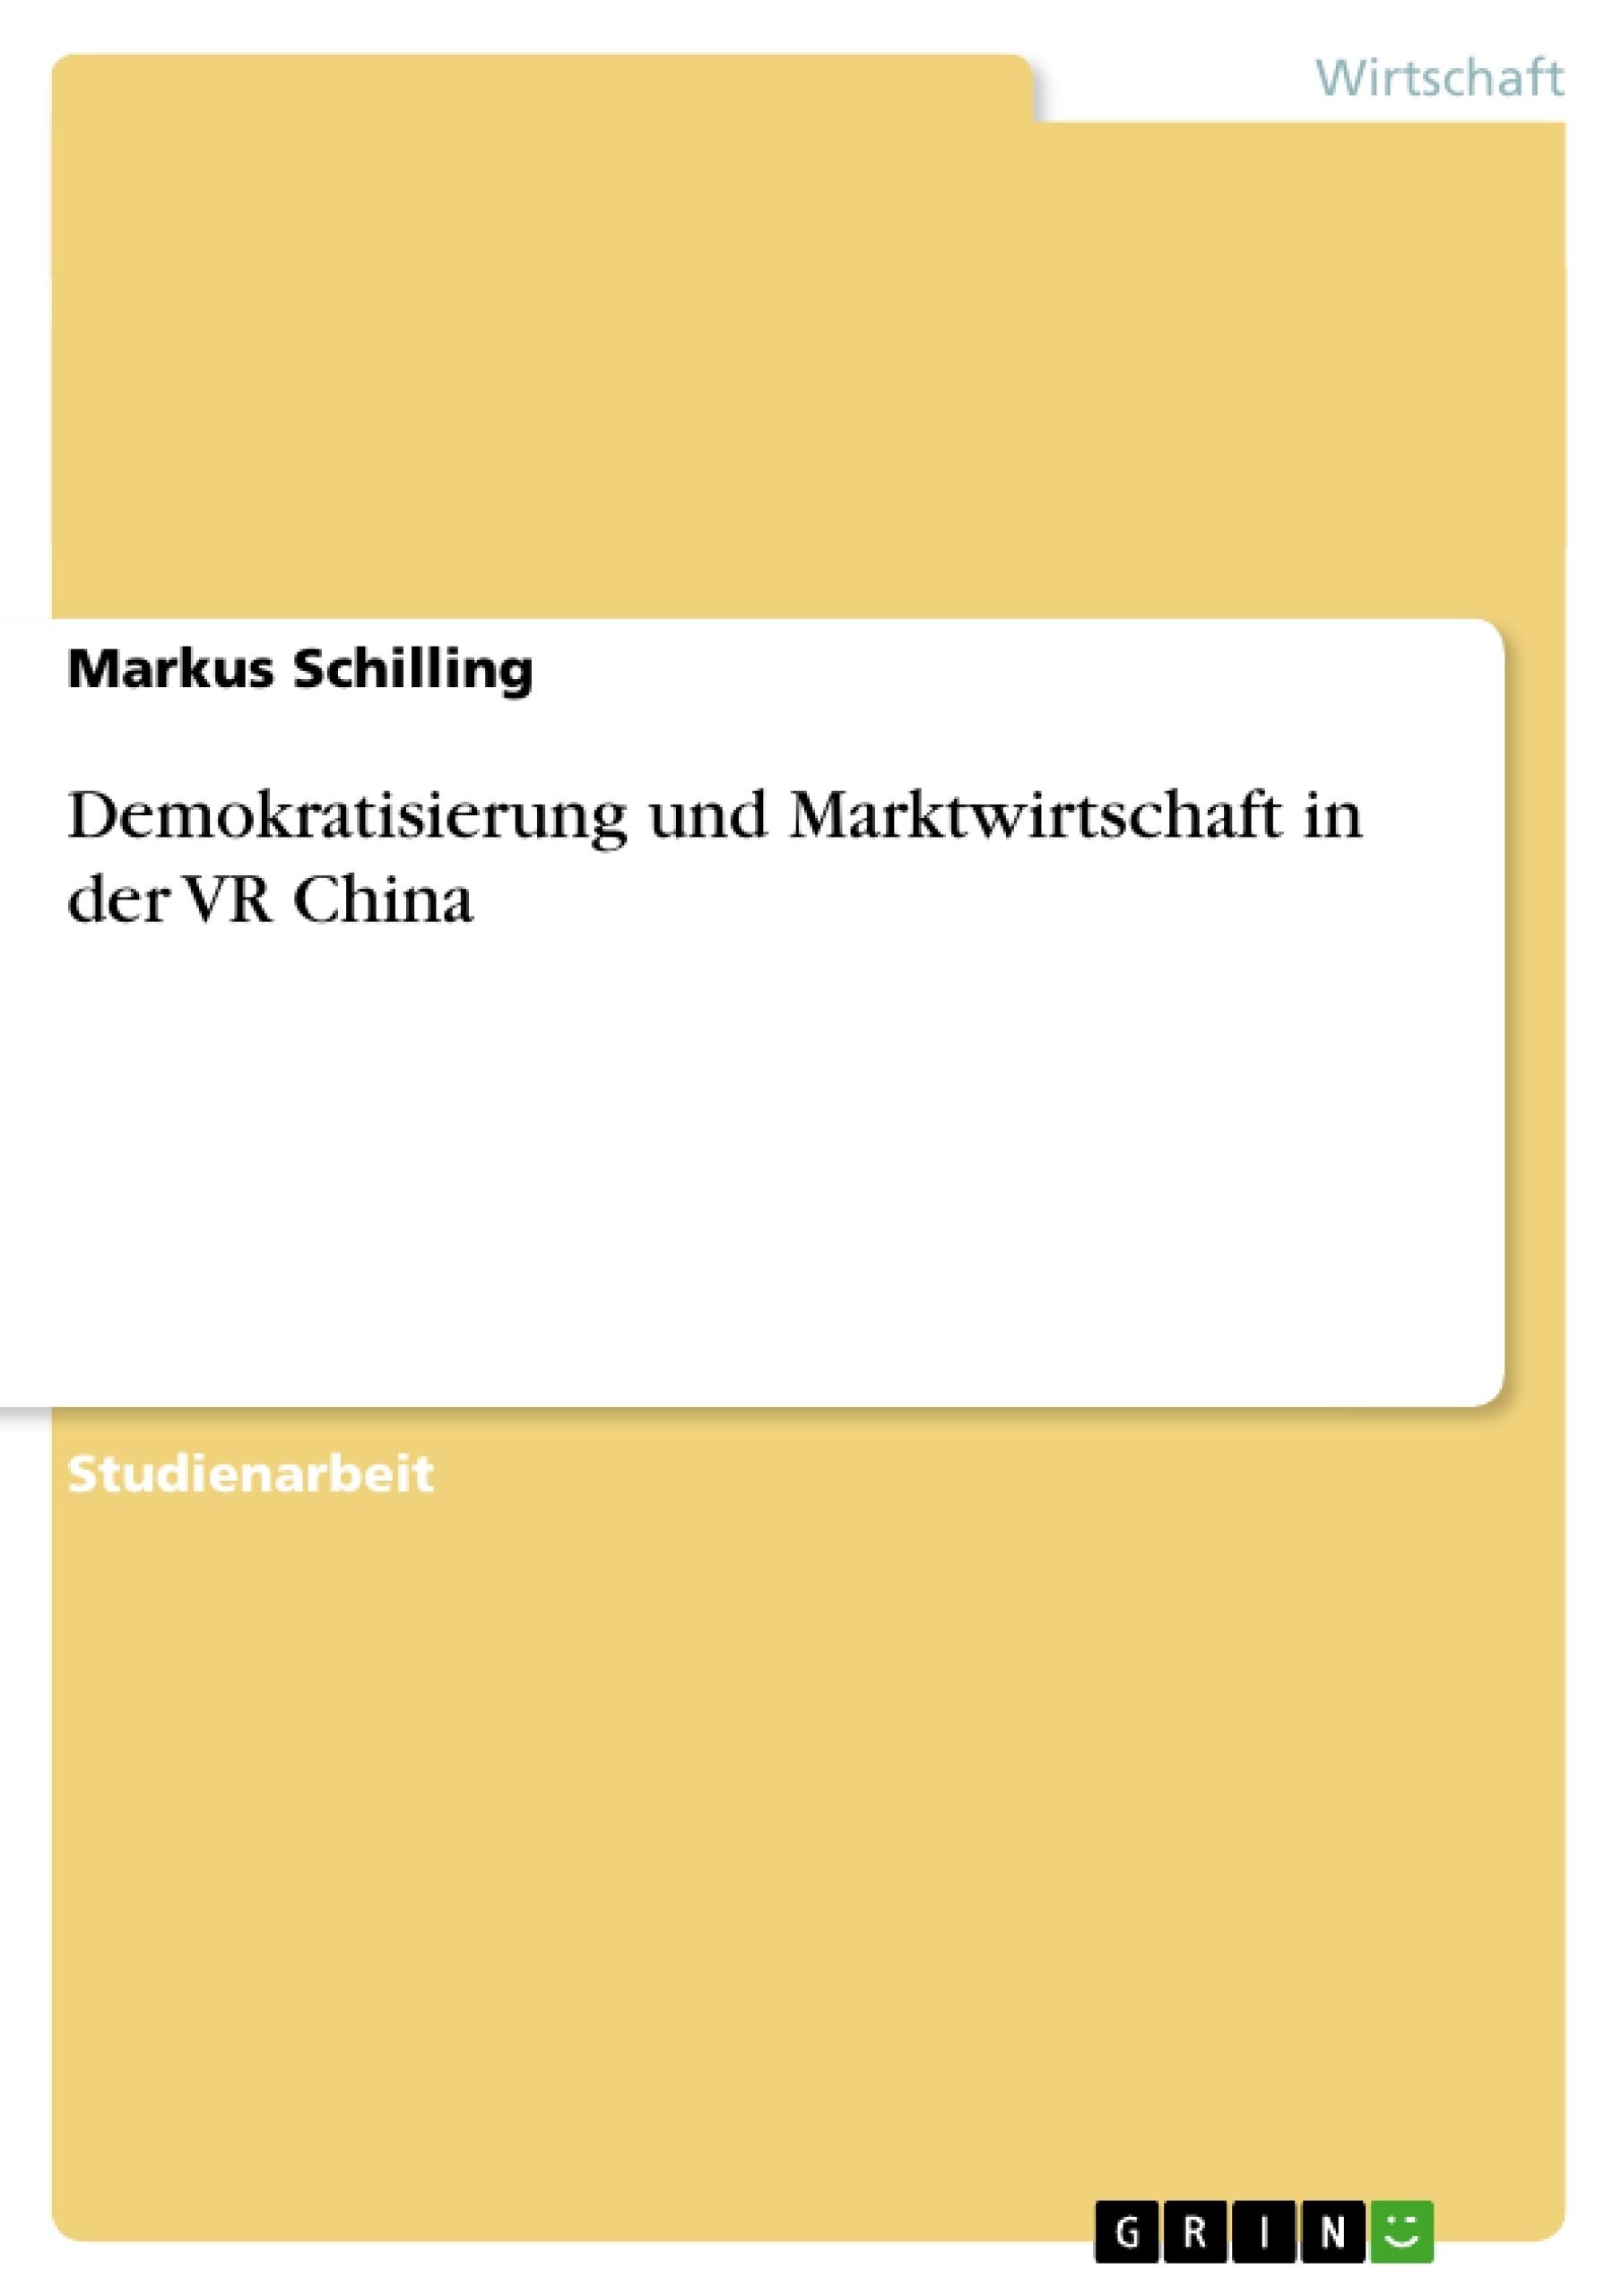 Titel: Demokratisierung und Marktwirtschaft in der VR China